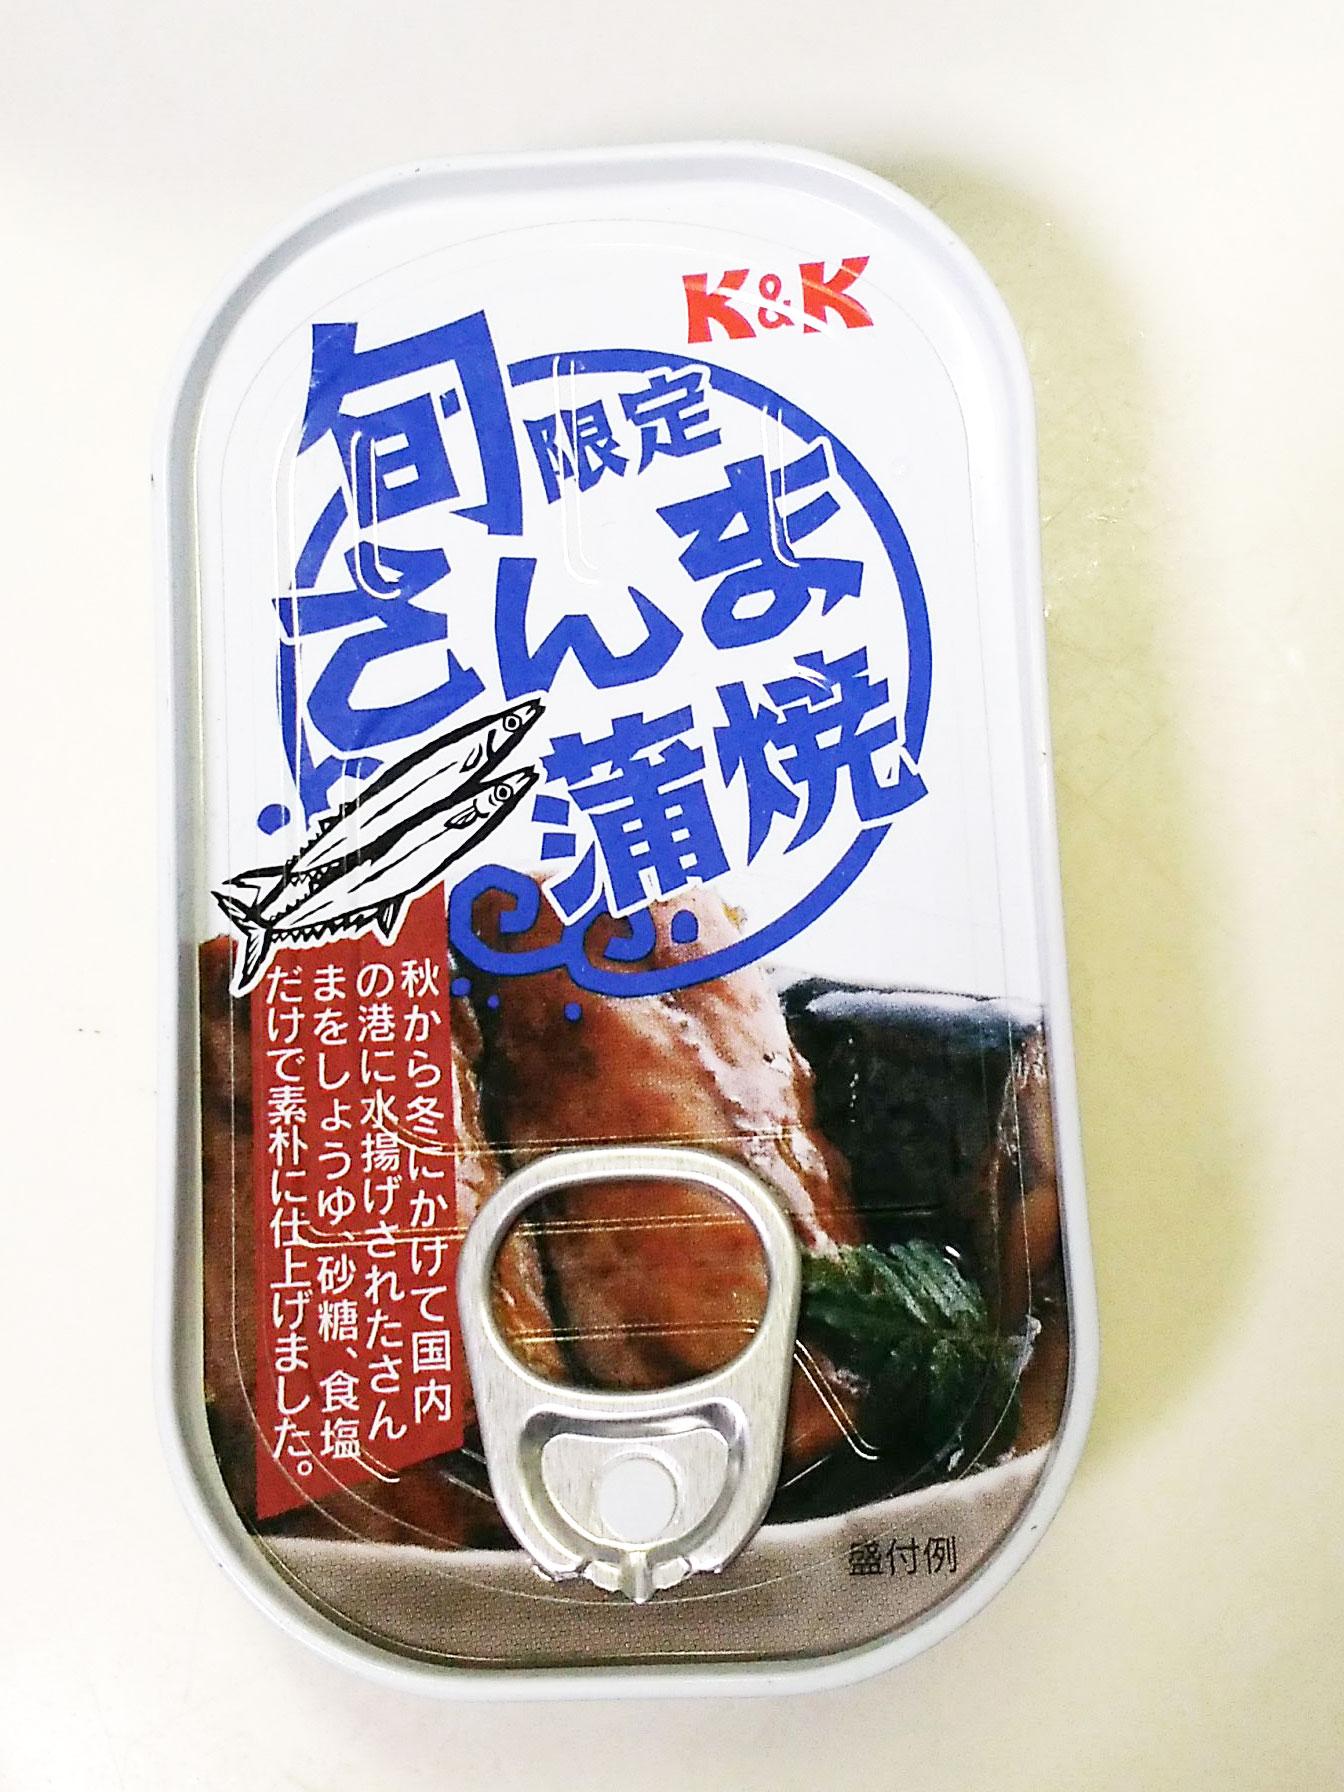 さんま蒲焼きの缶詰